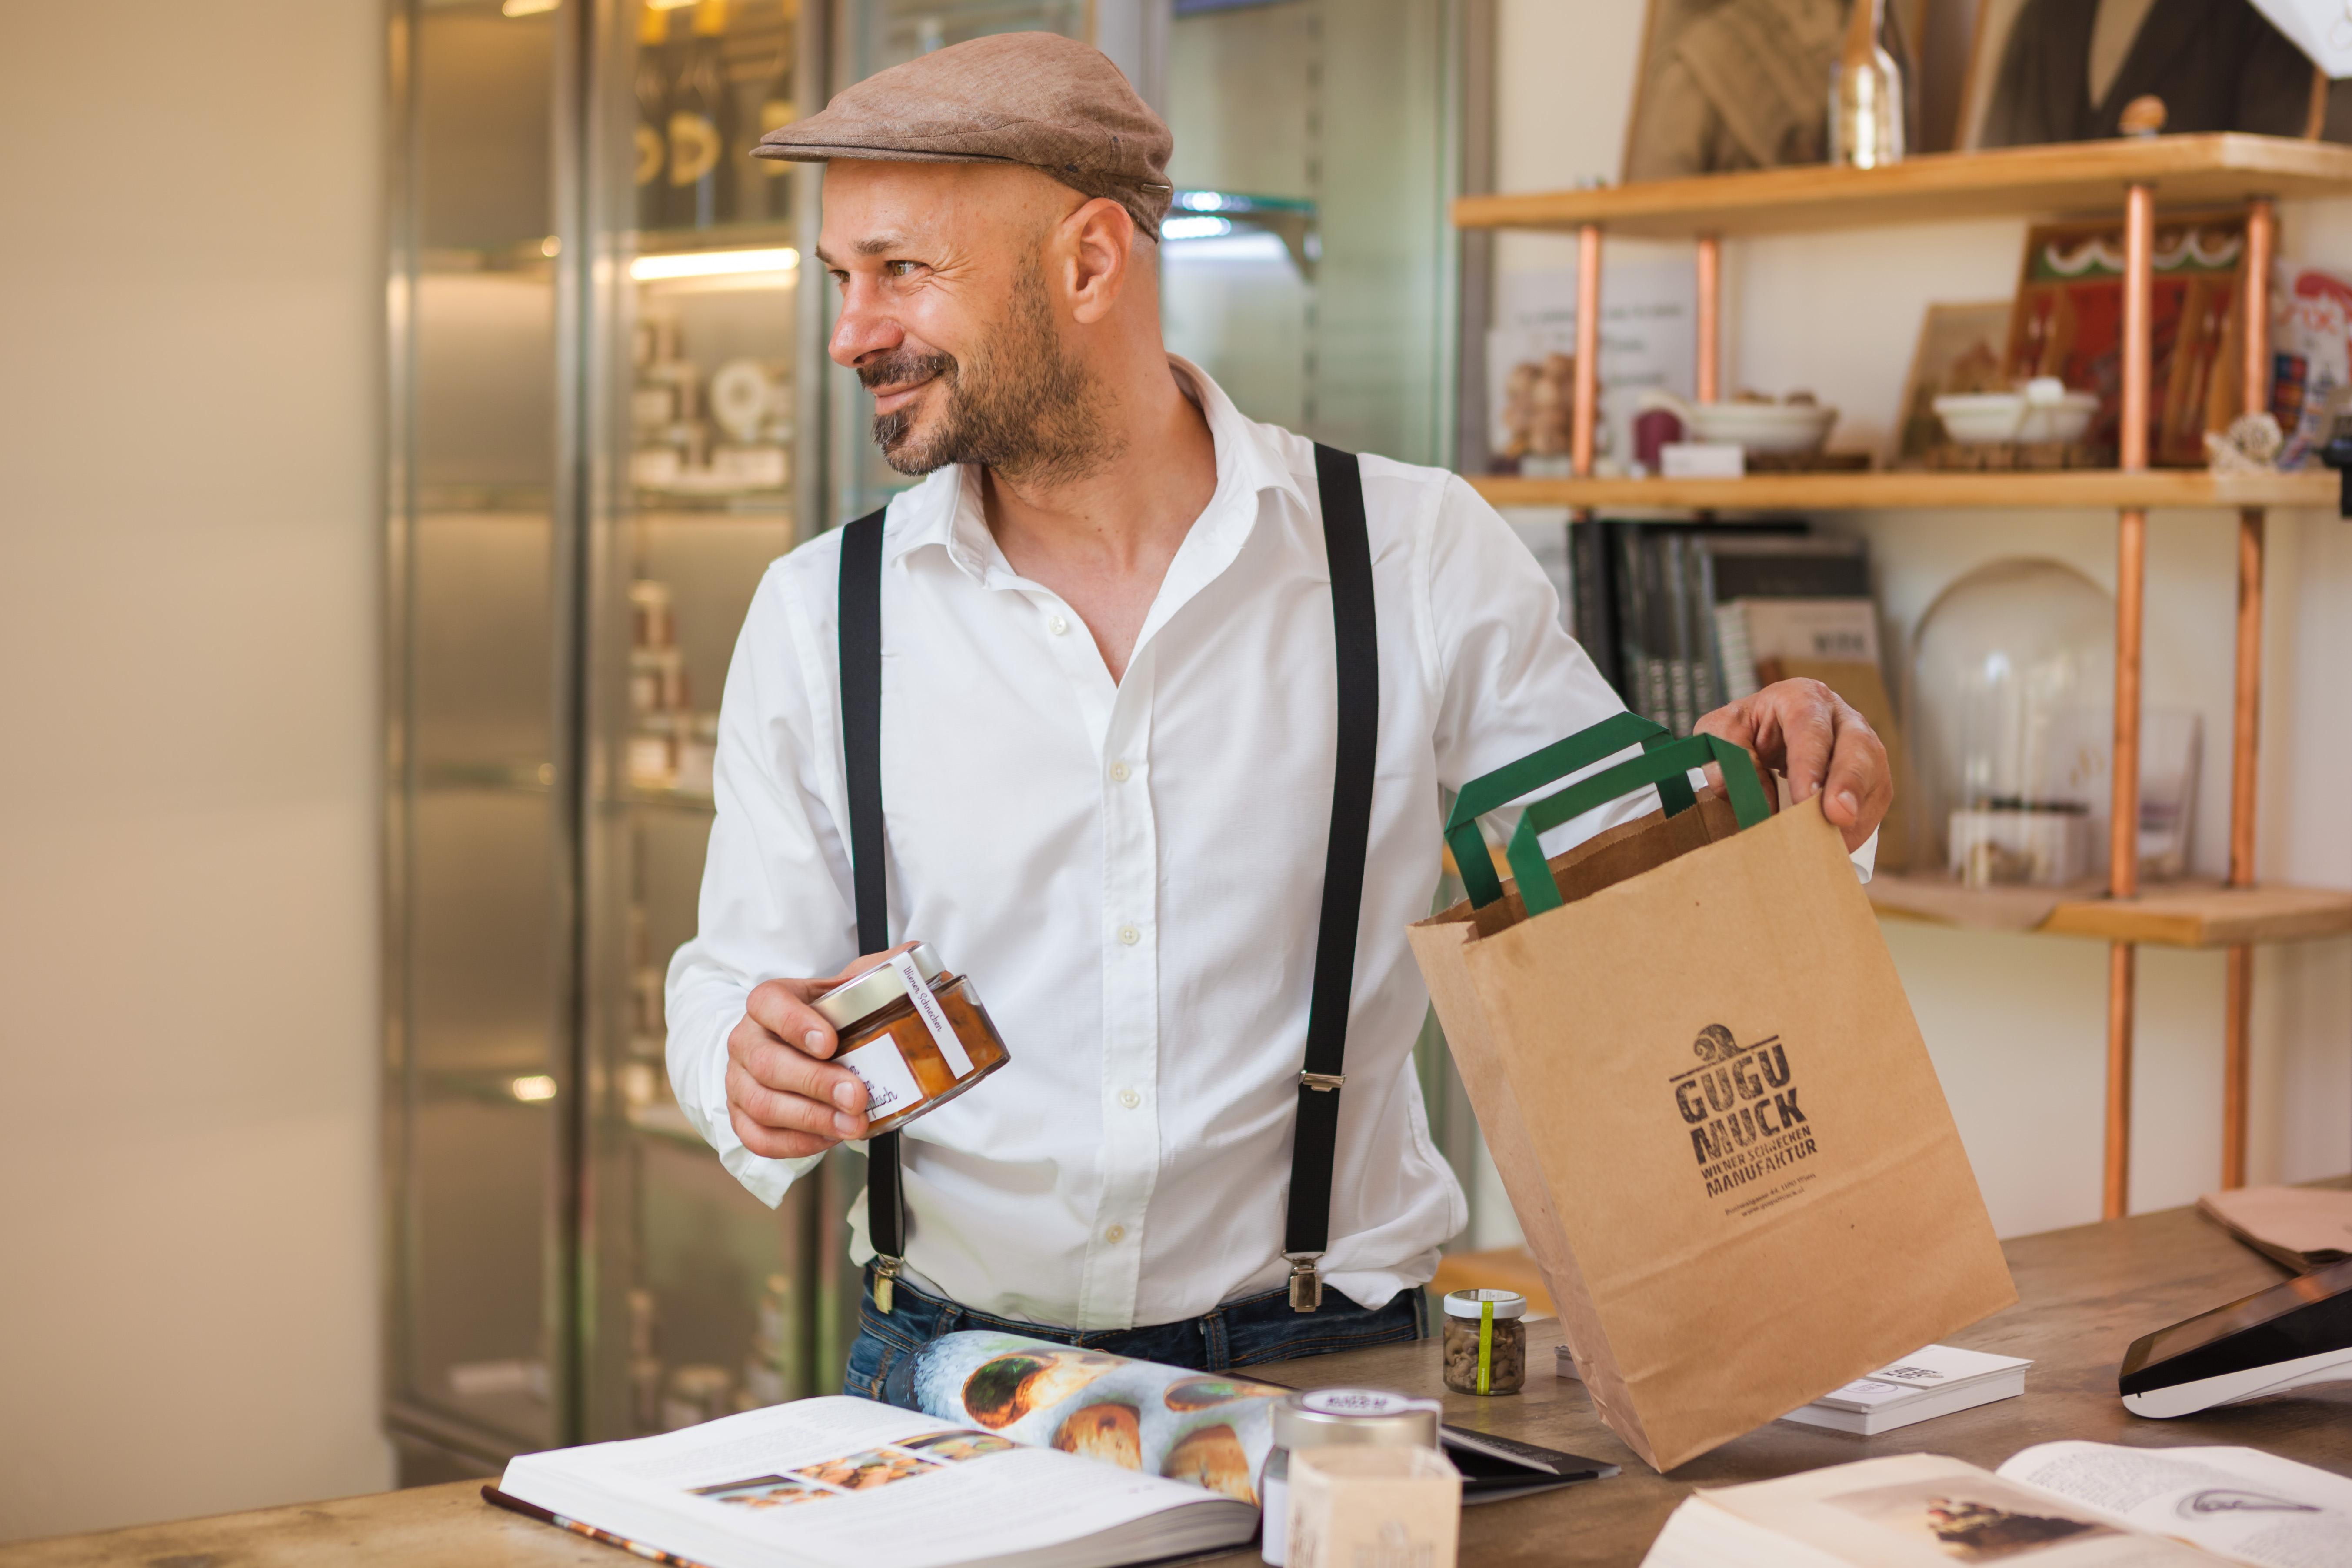 Hof-Laden von Andreas Gugumuck, Wiener Schnecken-Manufaktur Gugumuck, besuche unseren Hofladen mit Direktverkauf, wir beraten dich gerne über unsere Produkte